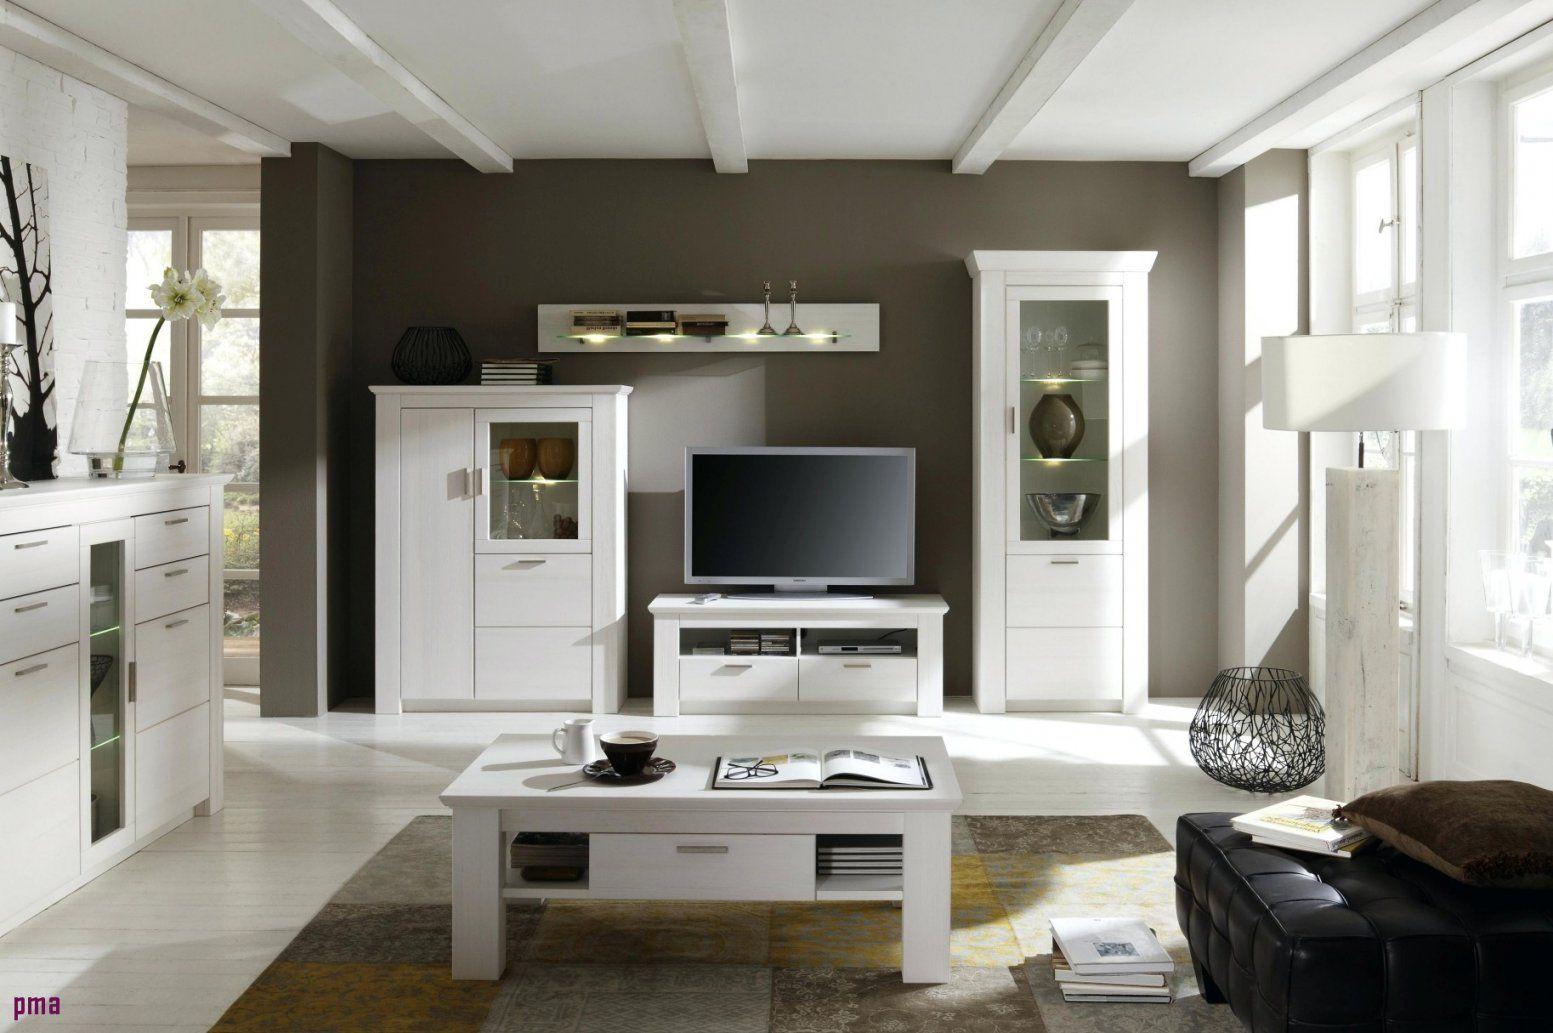 20 Qm Wohnzimmer Einrichten 22 Cool Layout Betreffend 20 Qm von 20 Qm Wohnzimmer Einrichten Photo